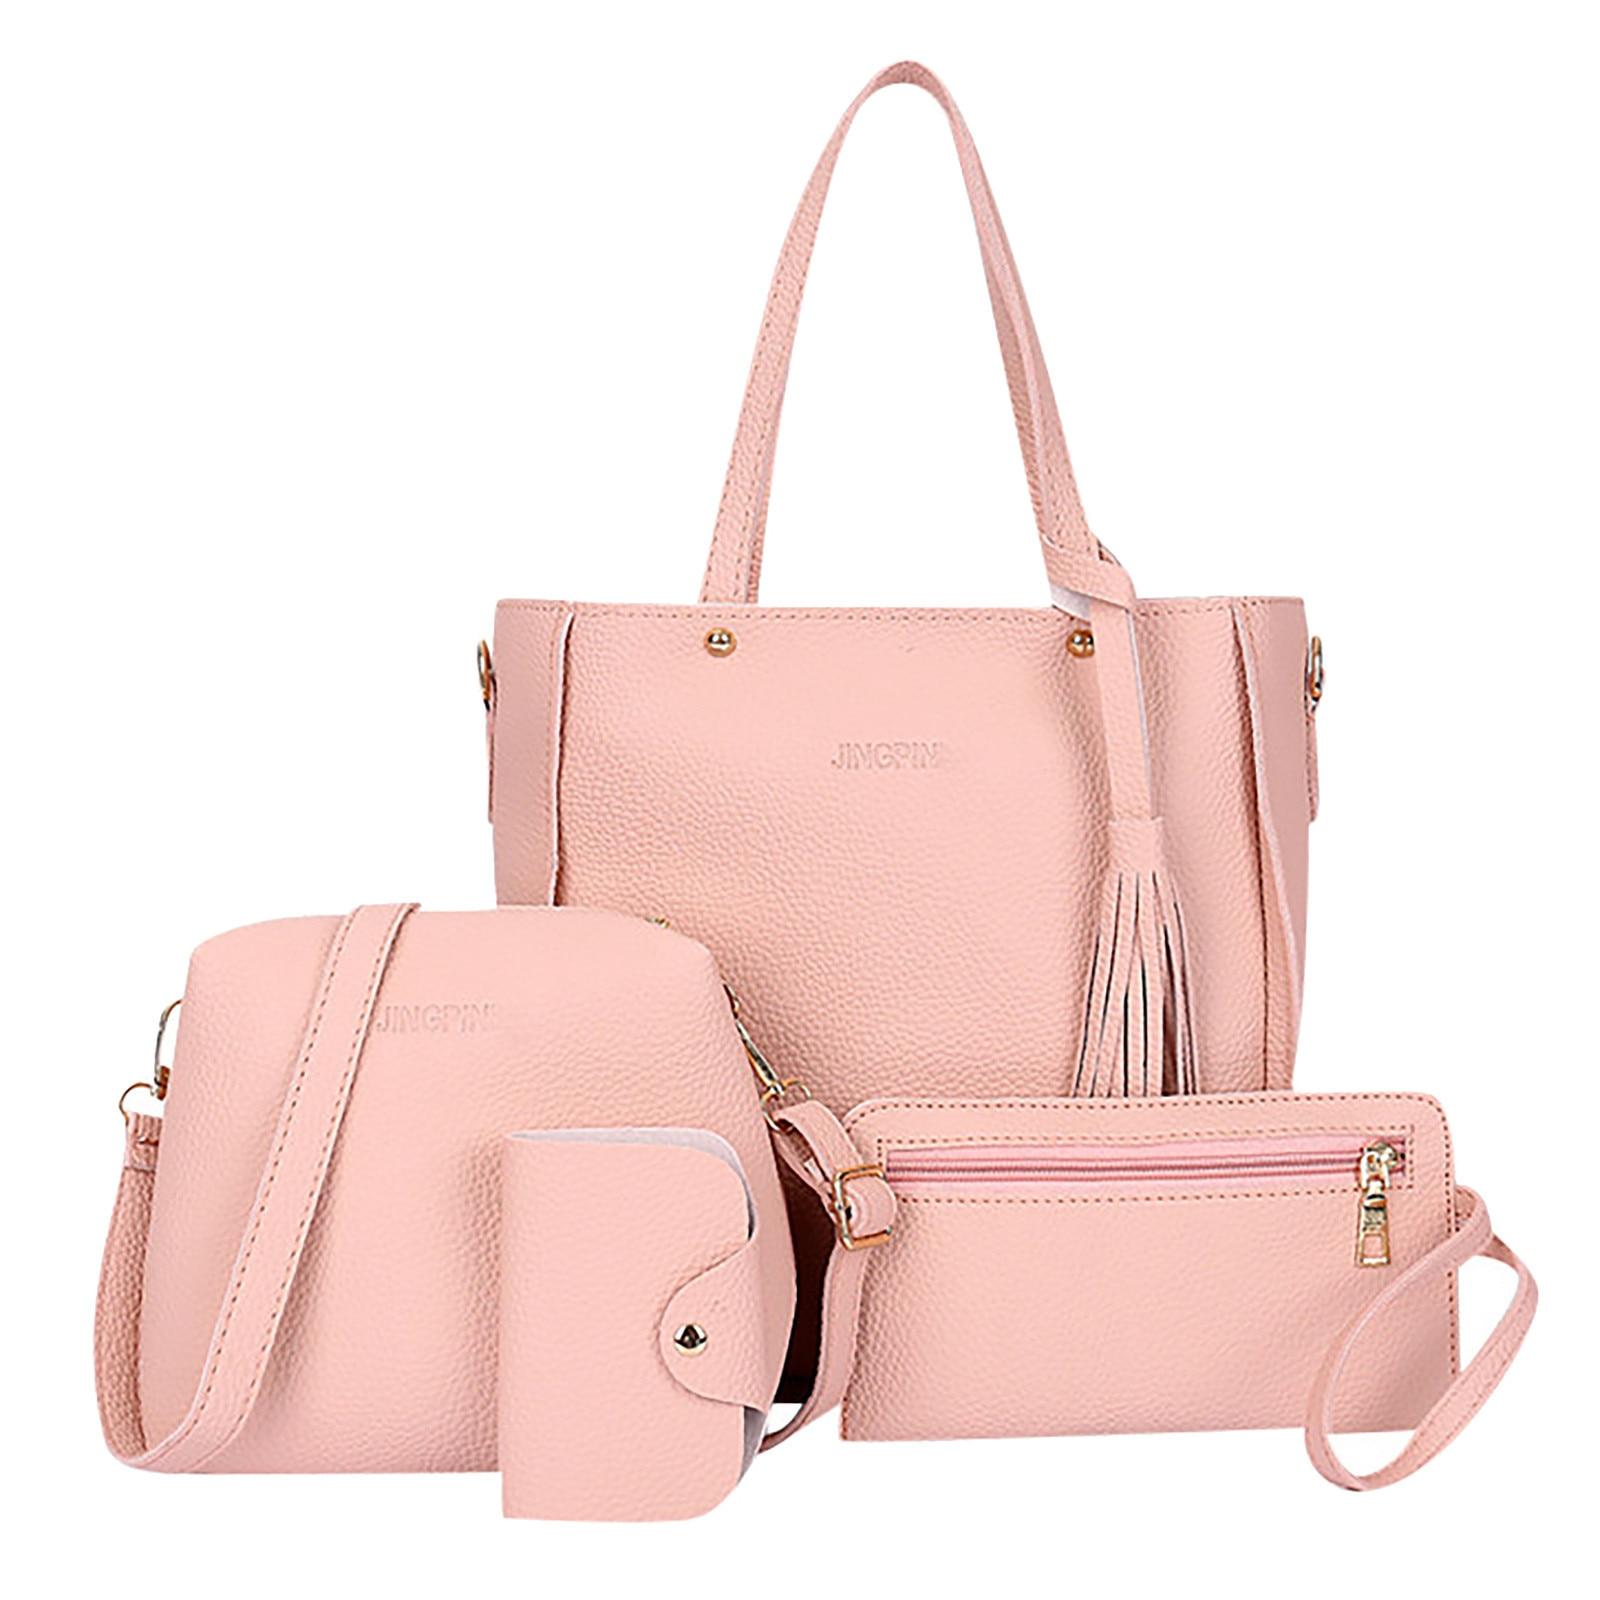 4PCS Handbag Set Women PU Leather Shoulder Bag Shoulder Messenger Bag Wallet Handbag Set Female Crossbody Bag Elegant Women 2021